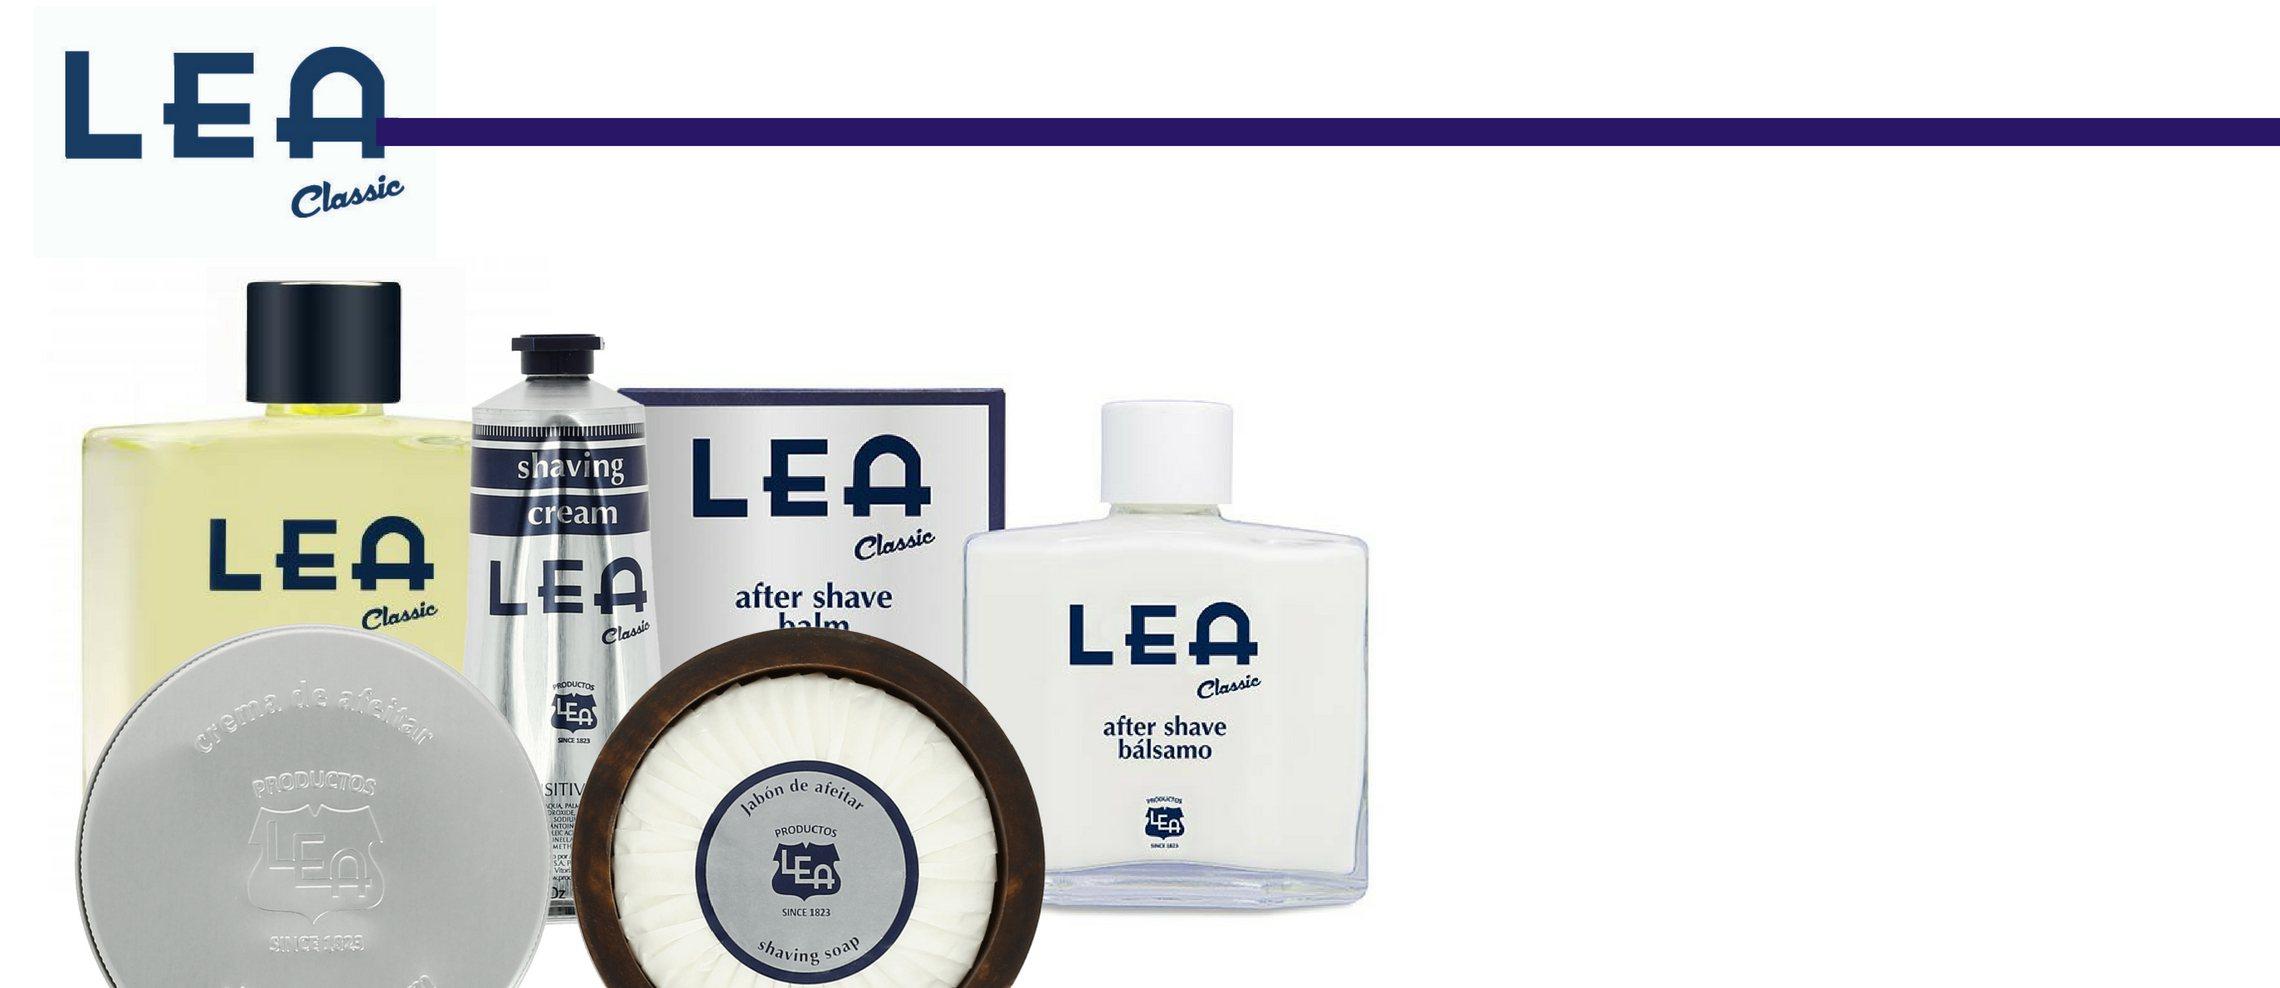 LEA Classic, Lea Classic